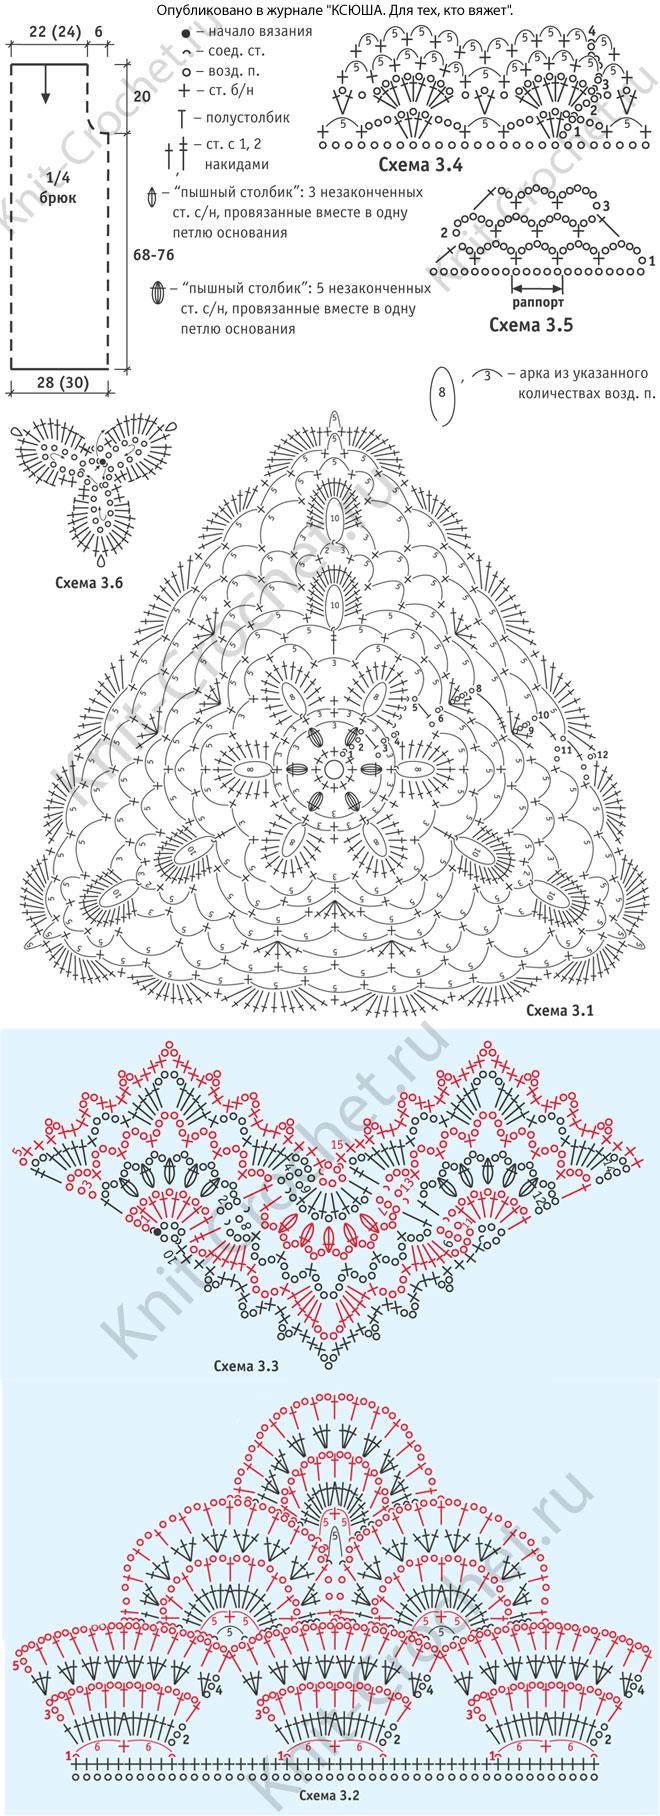 Выкройка, схемы узоров с описанием вязания крючком женского пляжного комбинезона размера 42.